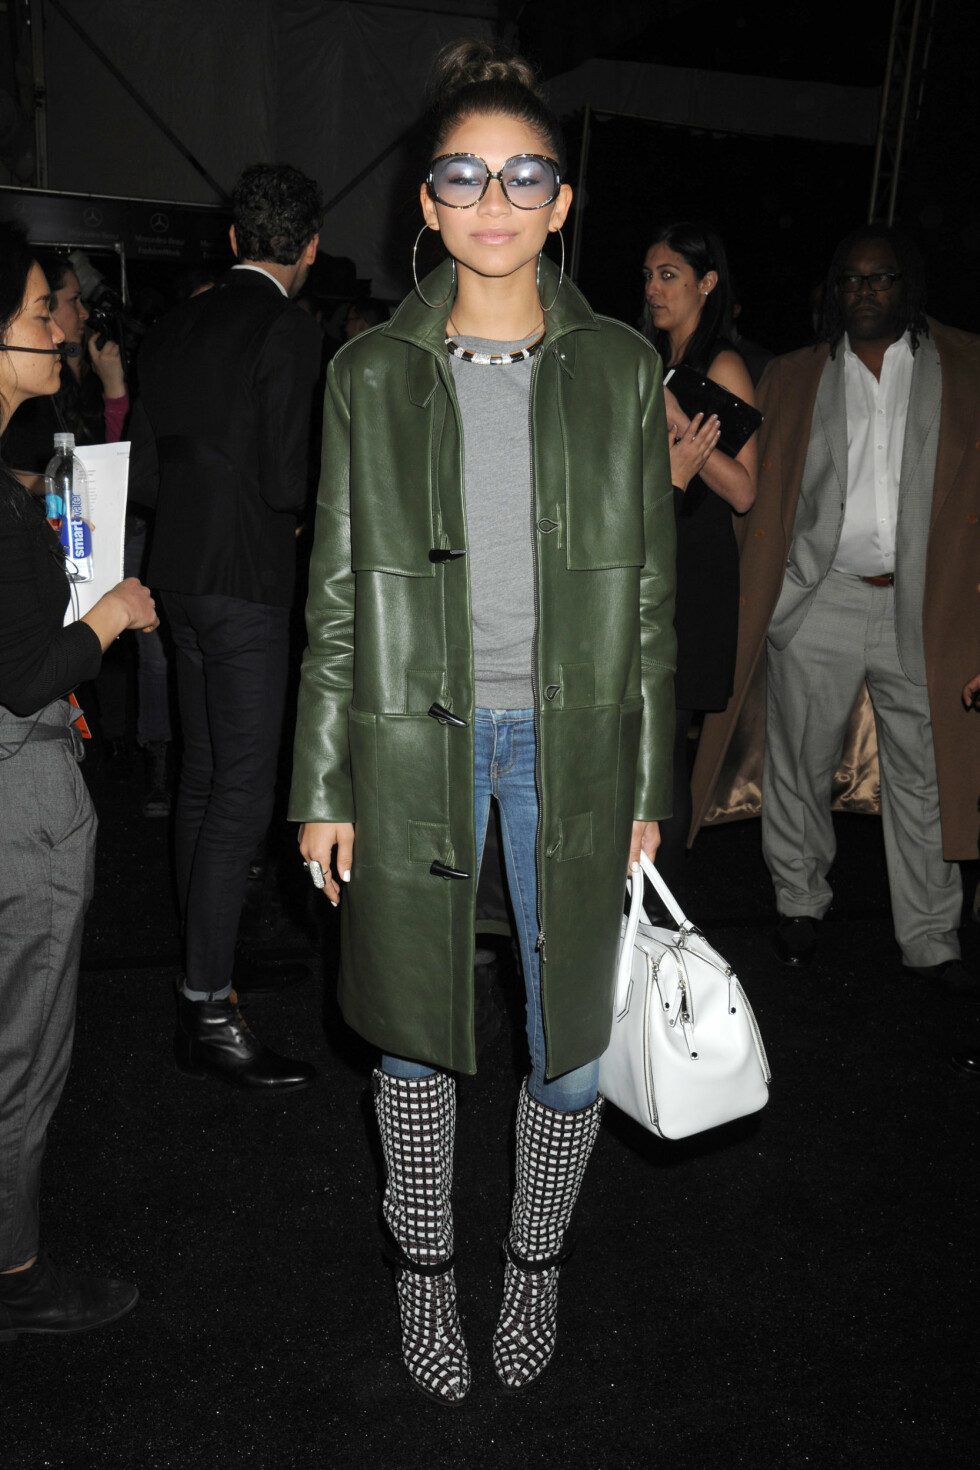 Den amerikanske skuespilleren og sangerinnen Zendaya Coleman hadde på seg lyse jeans, en grønn skinnjakke og en stor, hvit veske. Foto: All Over Press